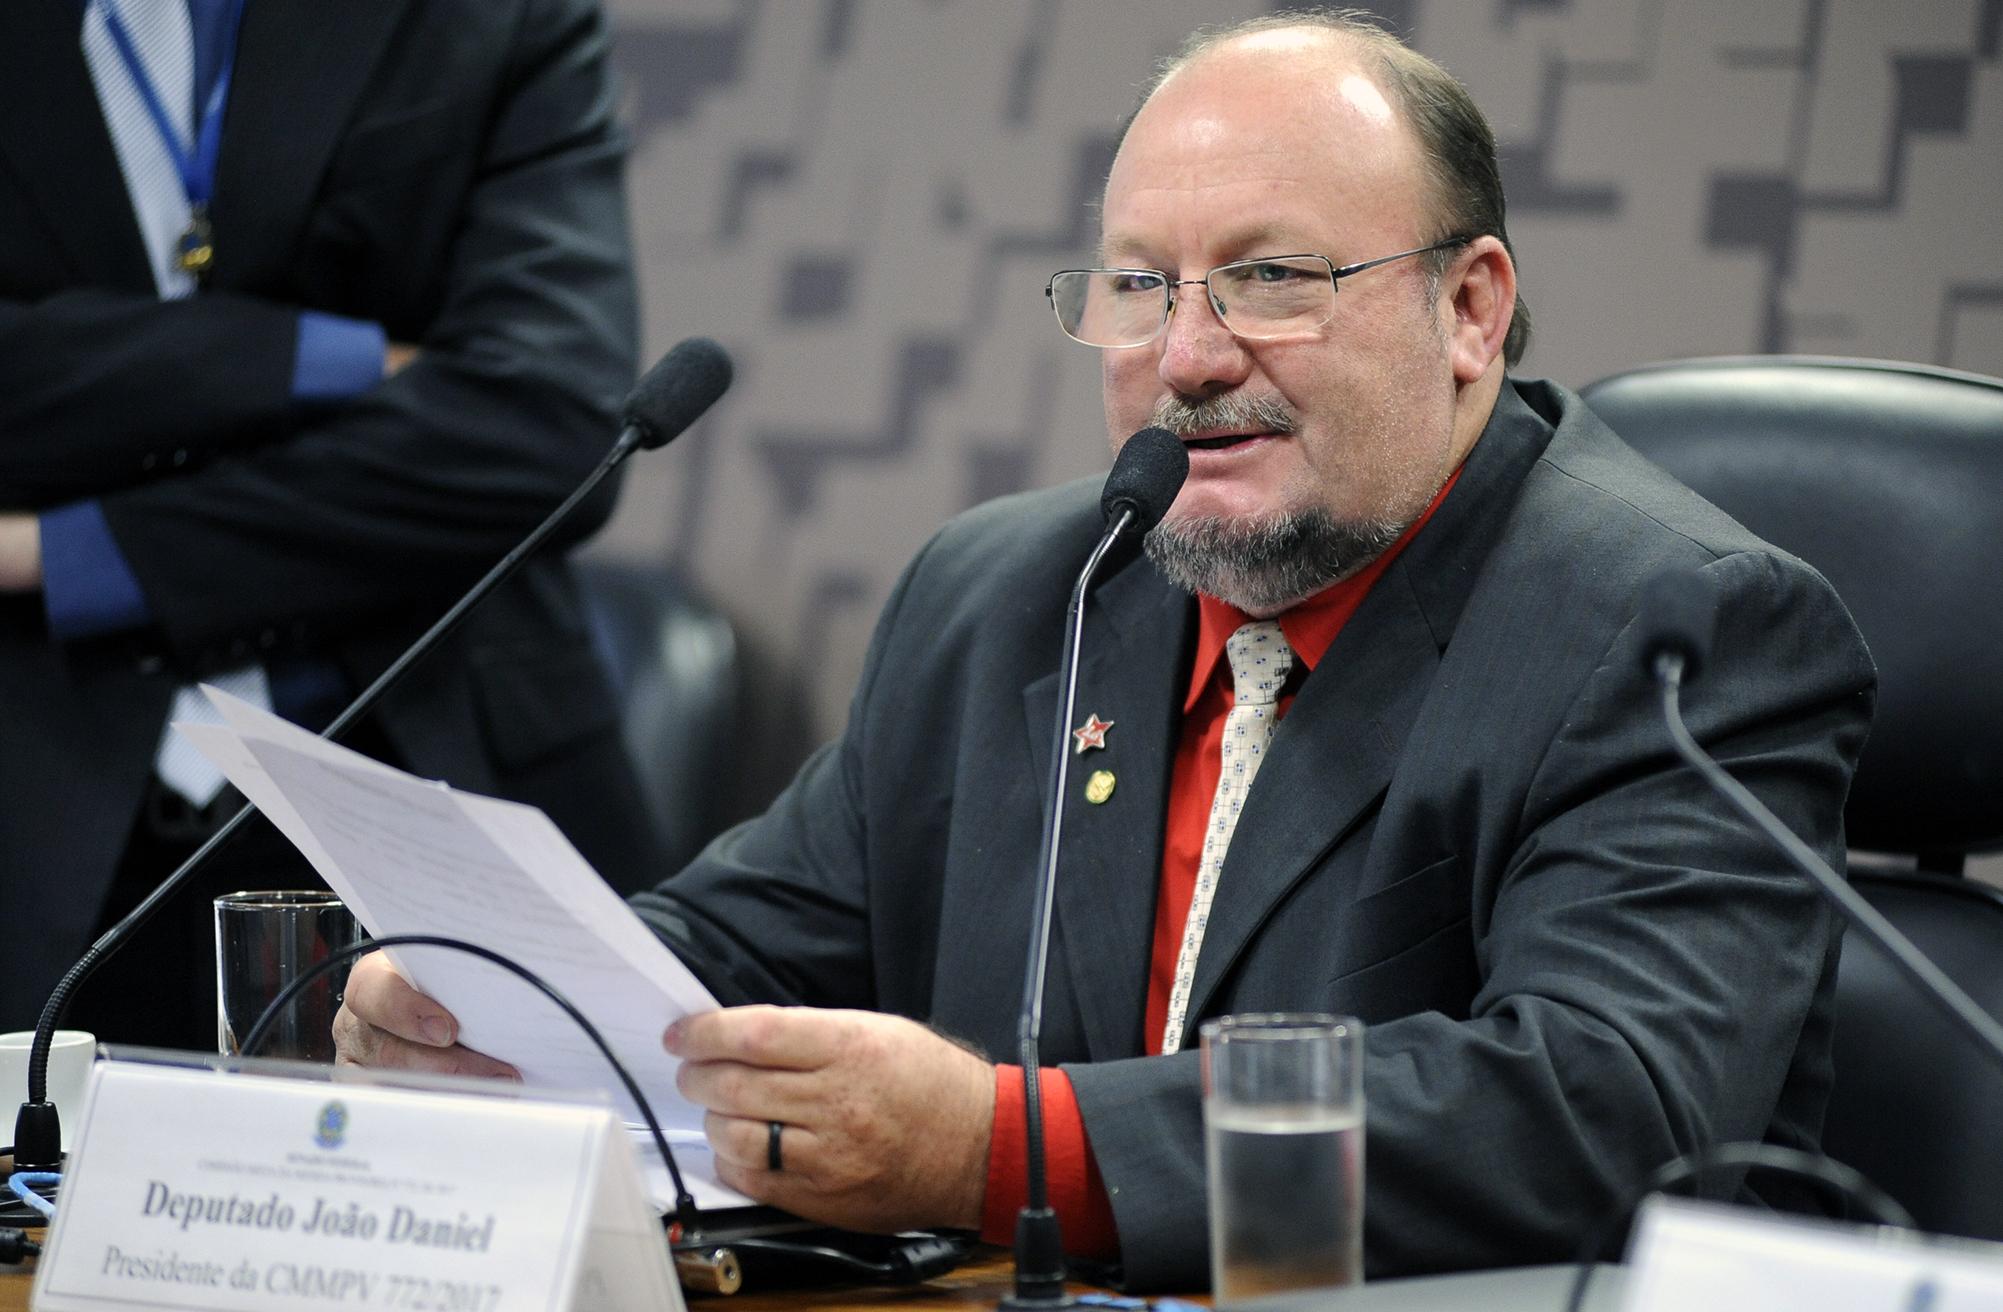 Comissão Mista sobre a MP 772/17, que dispõe sobre a inspeção sanitária e industrial dos produtos de origem animal. Dep. João Daniel (PT - SE)